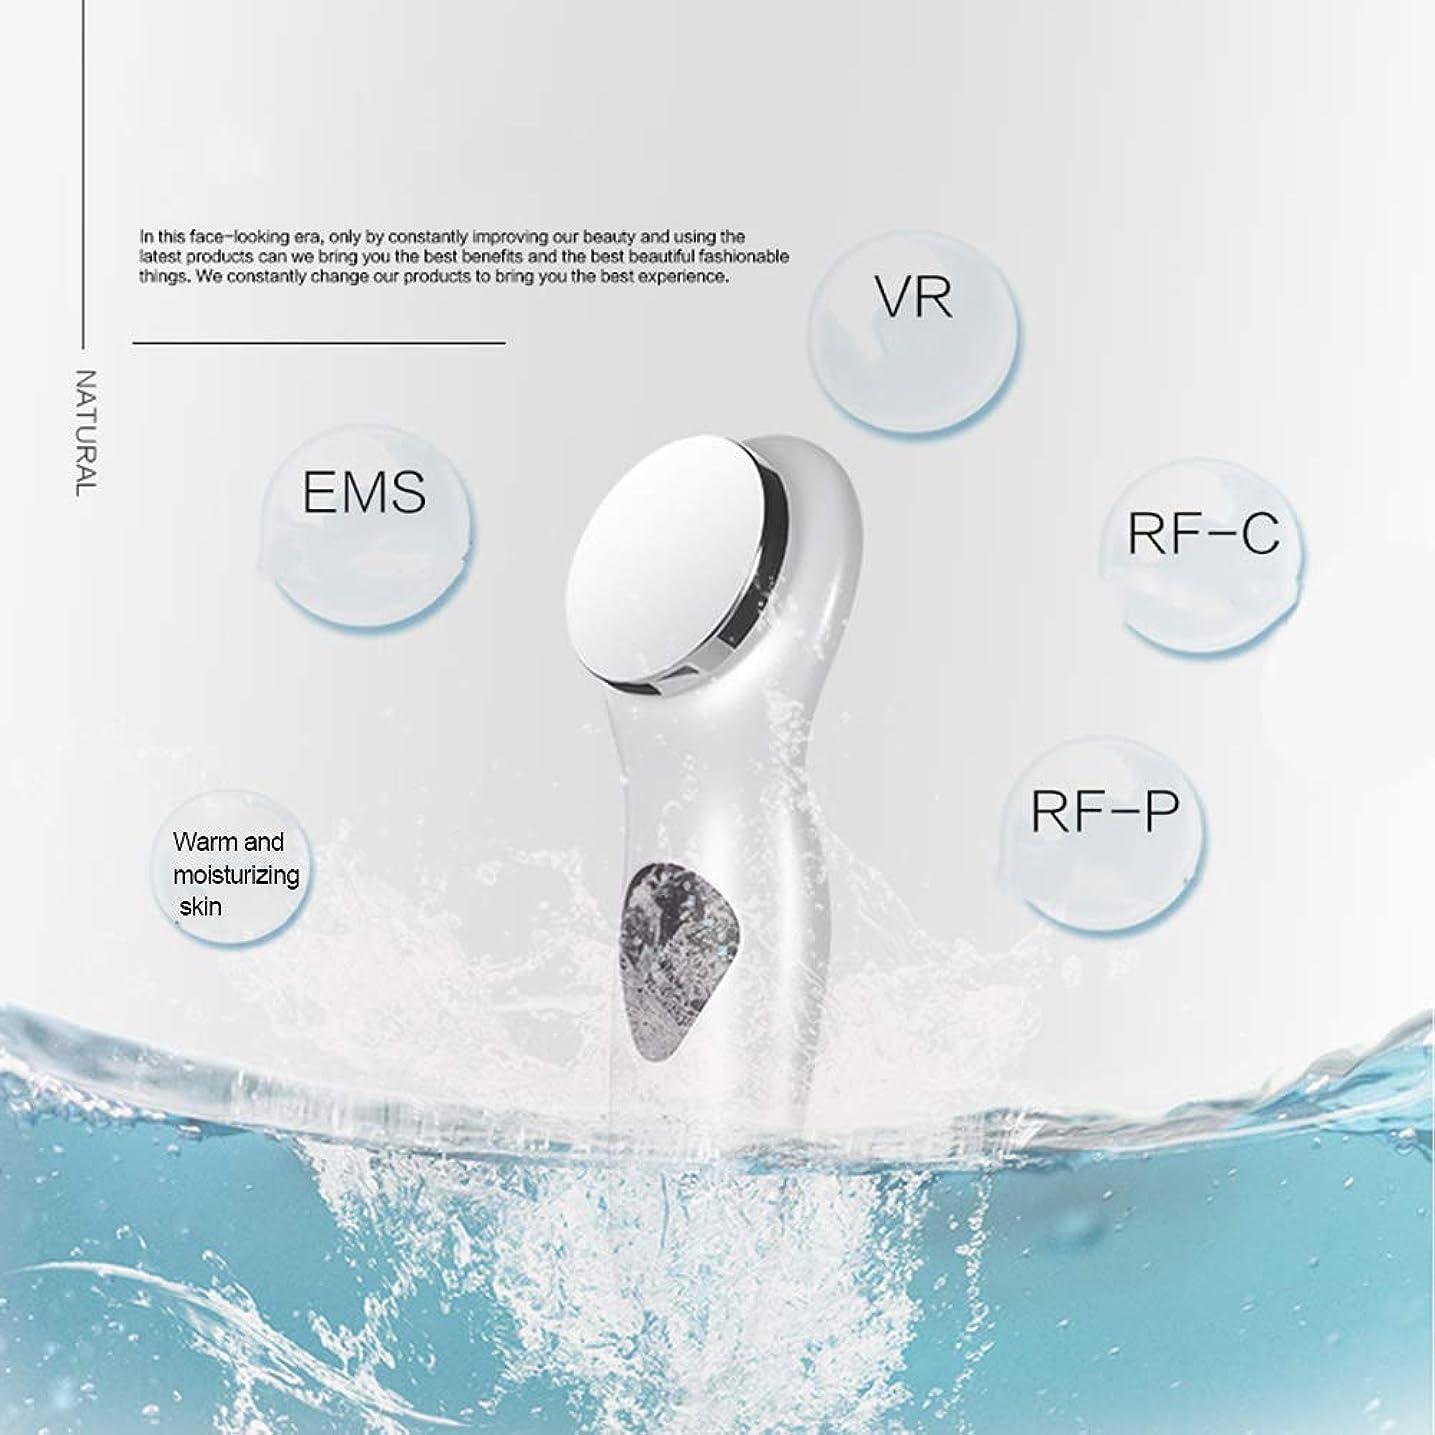 アナロジー磨かれたランクEMSの顔の調子を整える装置、超音波美の器械、携帯用表面美機械、家の美装置の振動器械、顔のマッサージャー